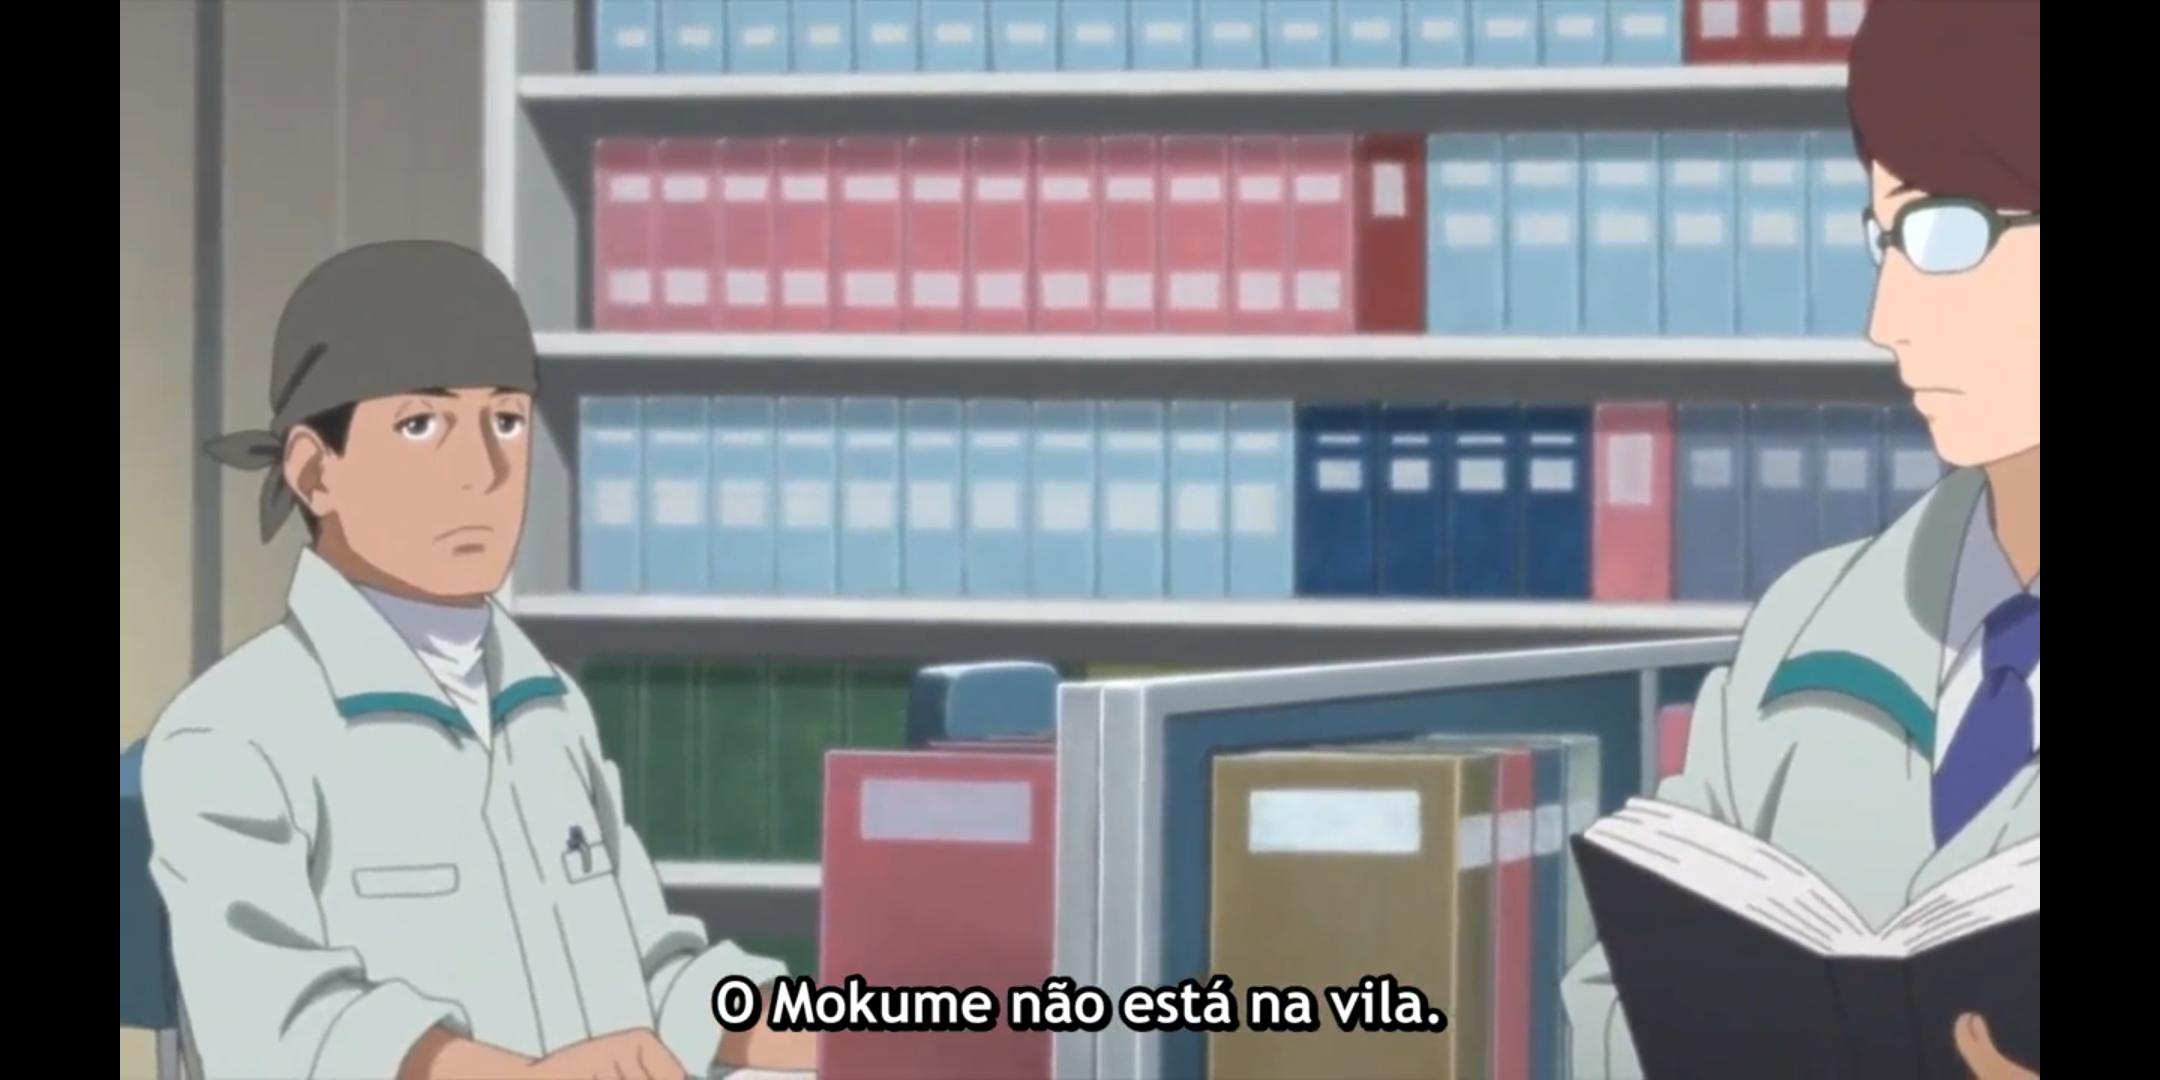 Episódio 177 - Funcionário explica que Mokume não está na vila